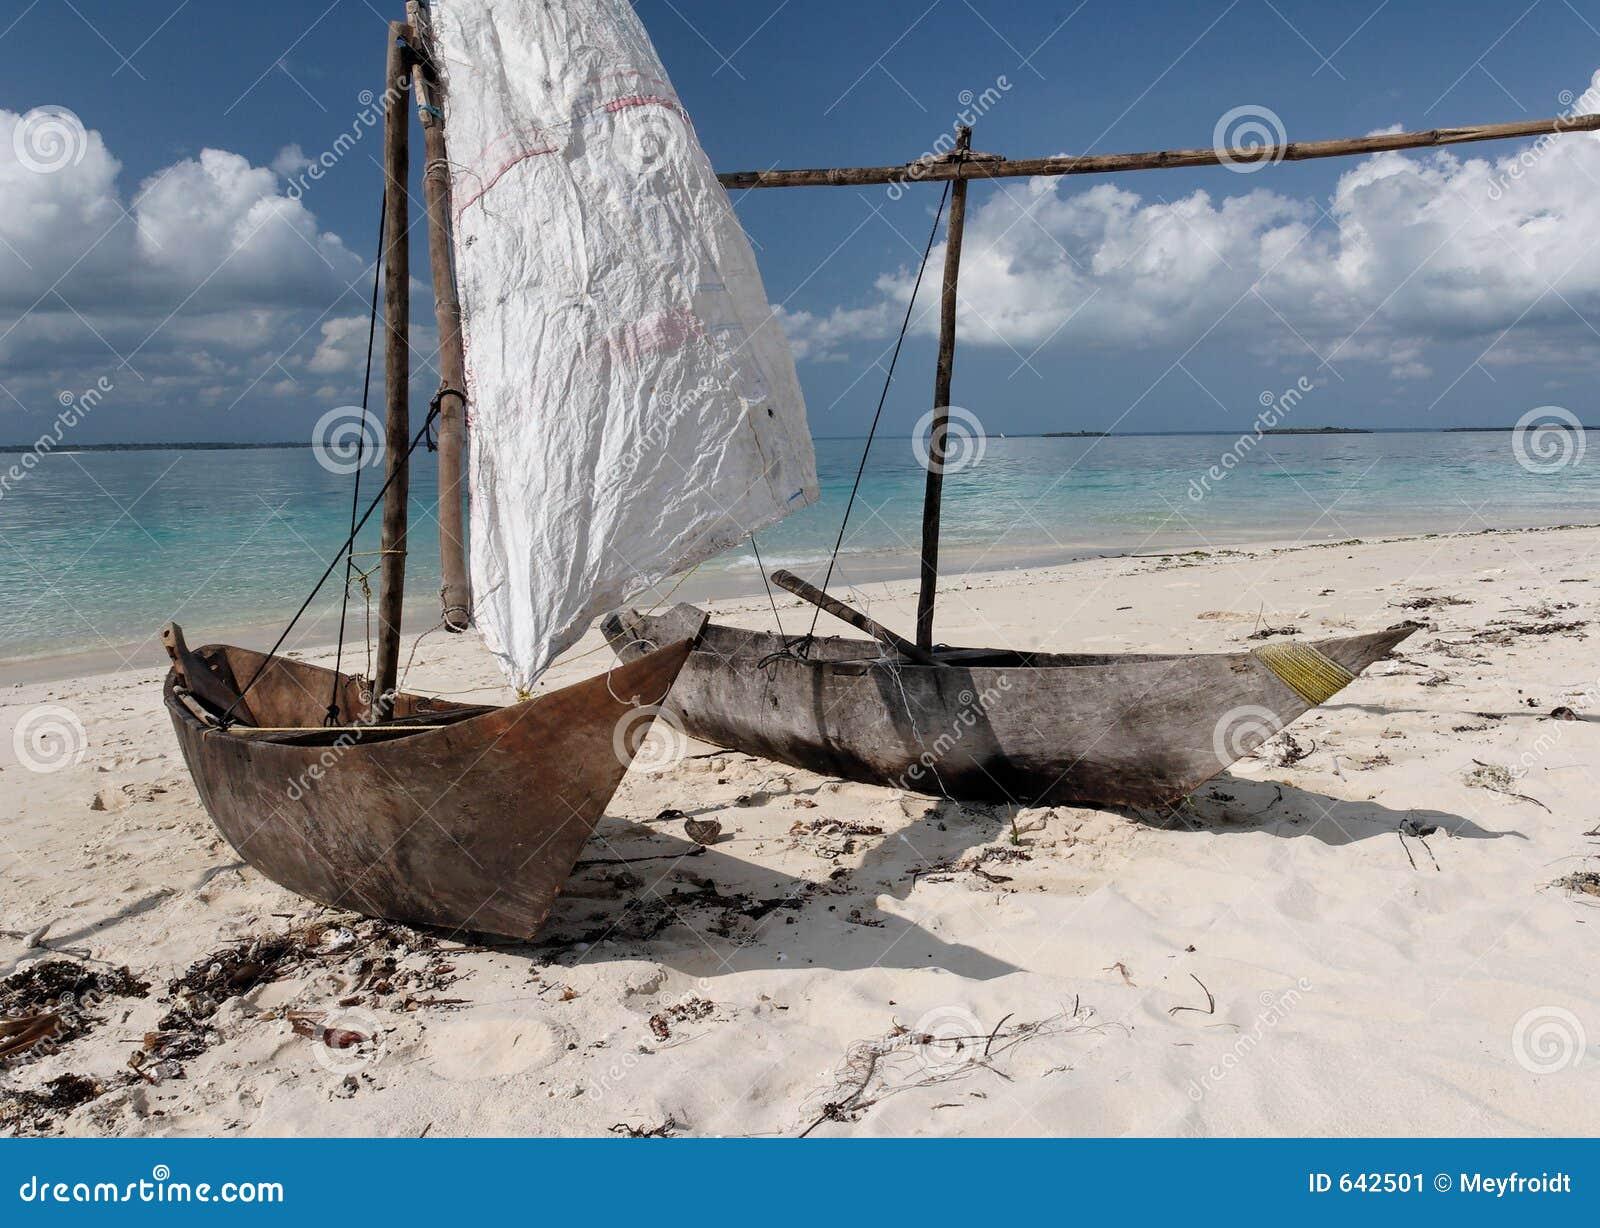 Due Barche Di Navigazione Di Legno Sulla Spiaggia Tropicale Immagine Stock - Immagine: 642501